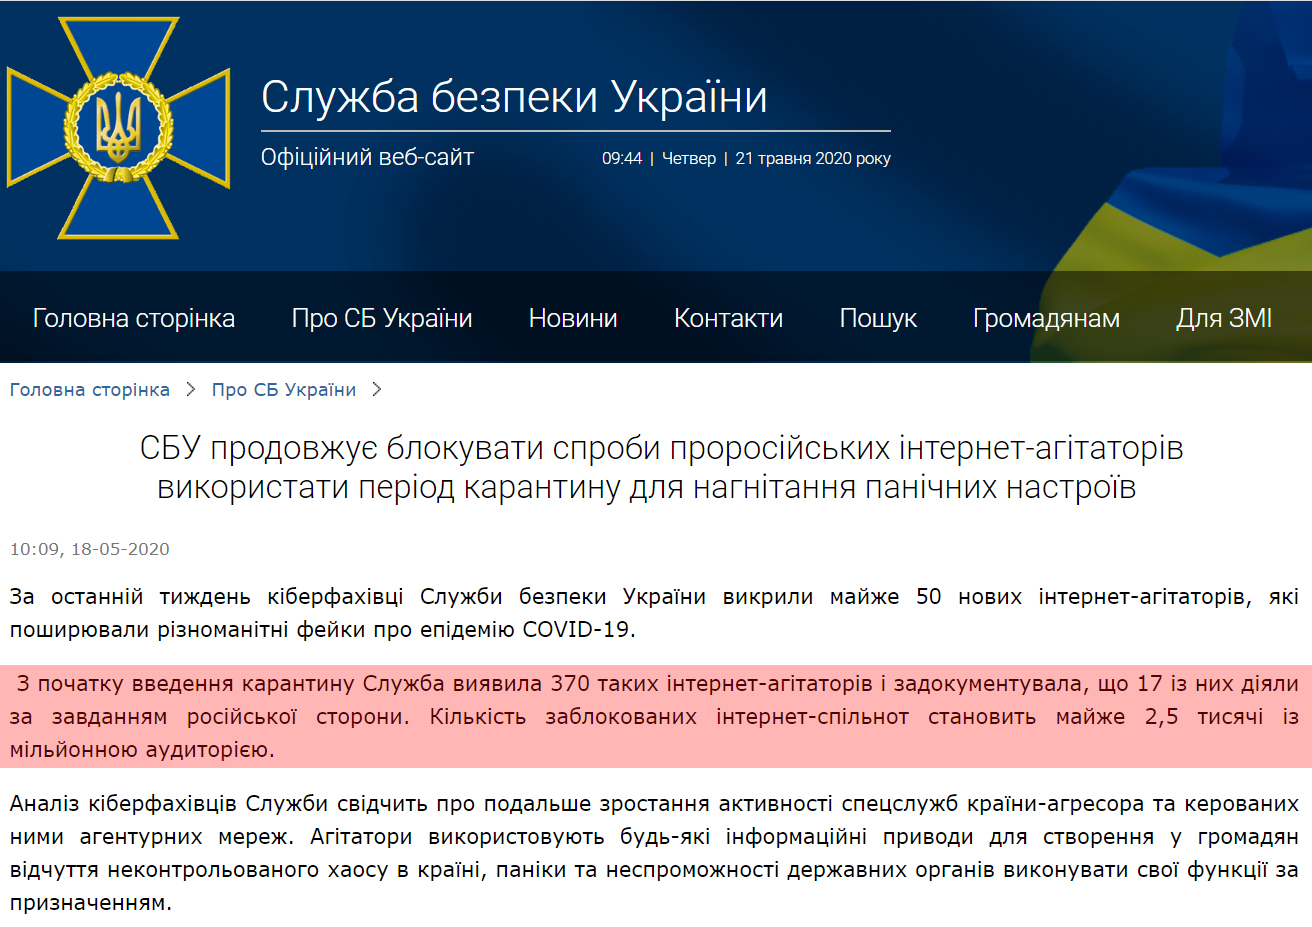 """Чергова хвиля інформаційної кампанії про """"секретні лабораторії США в Україні"""" почалася з  РФ - ІМІ 9"""